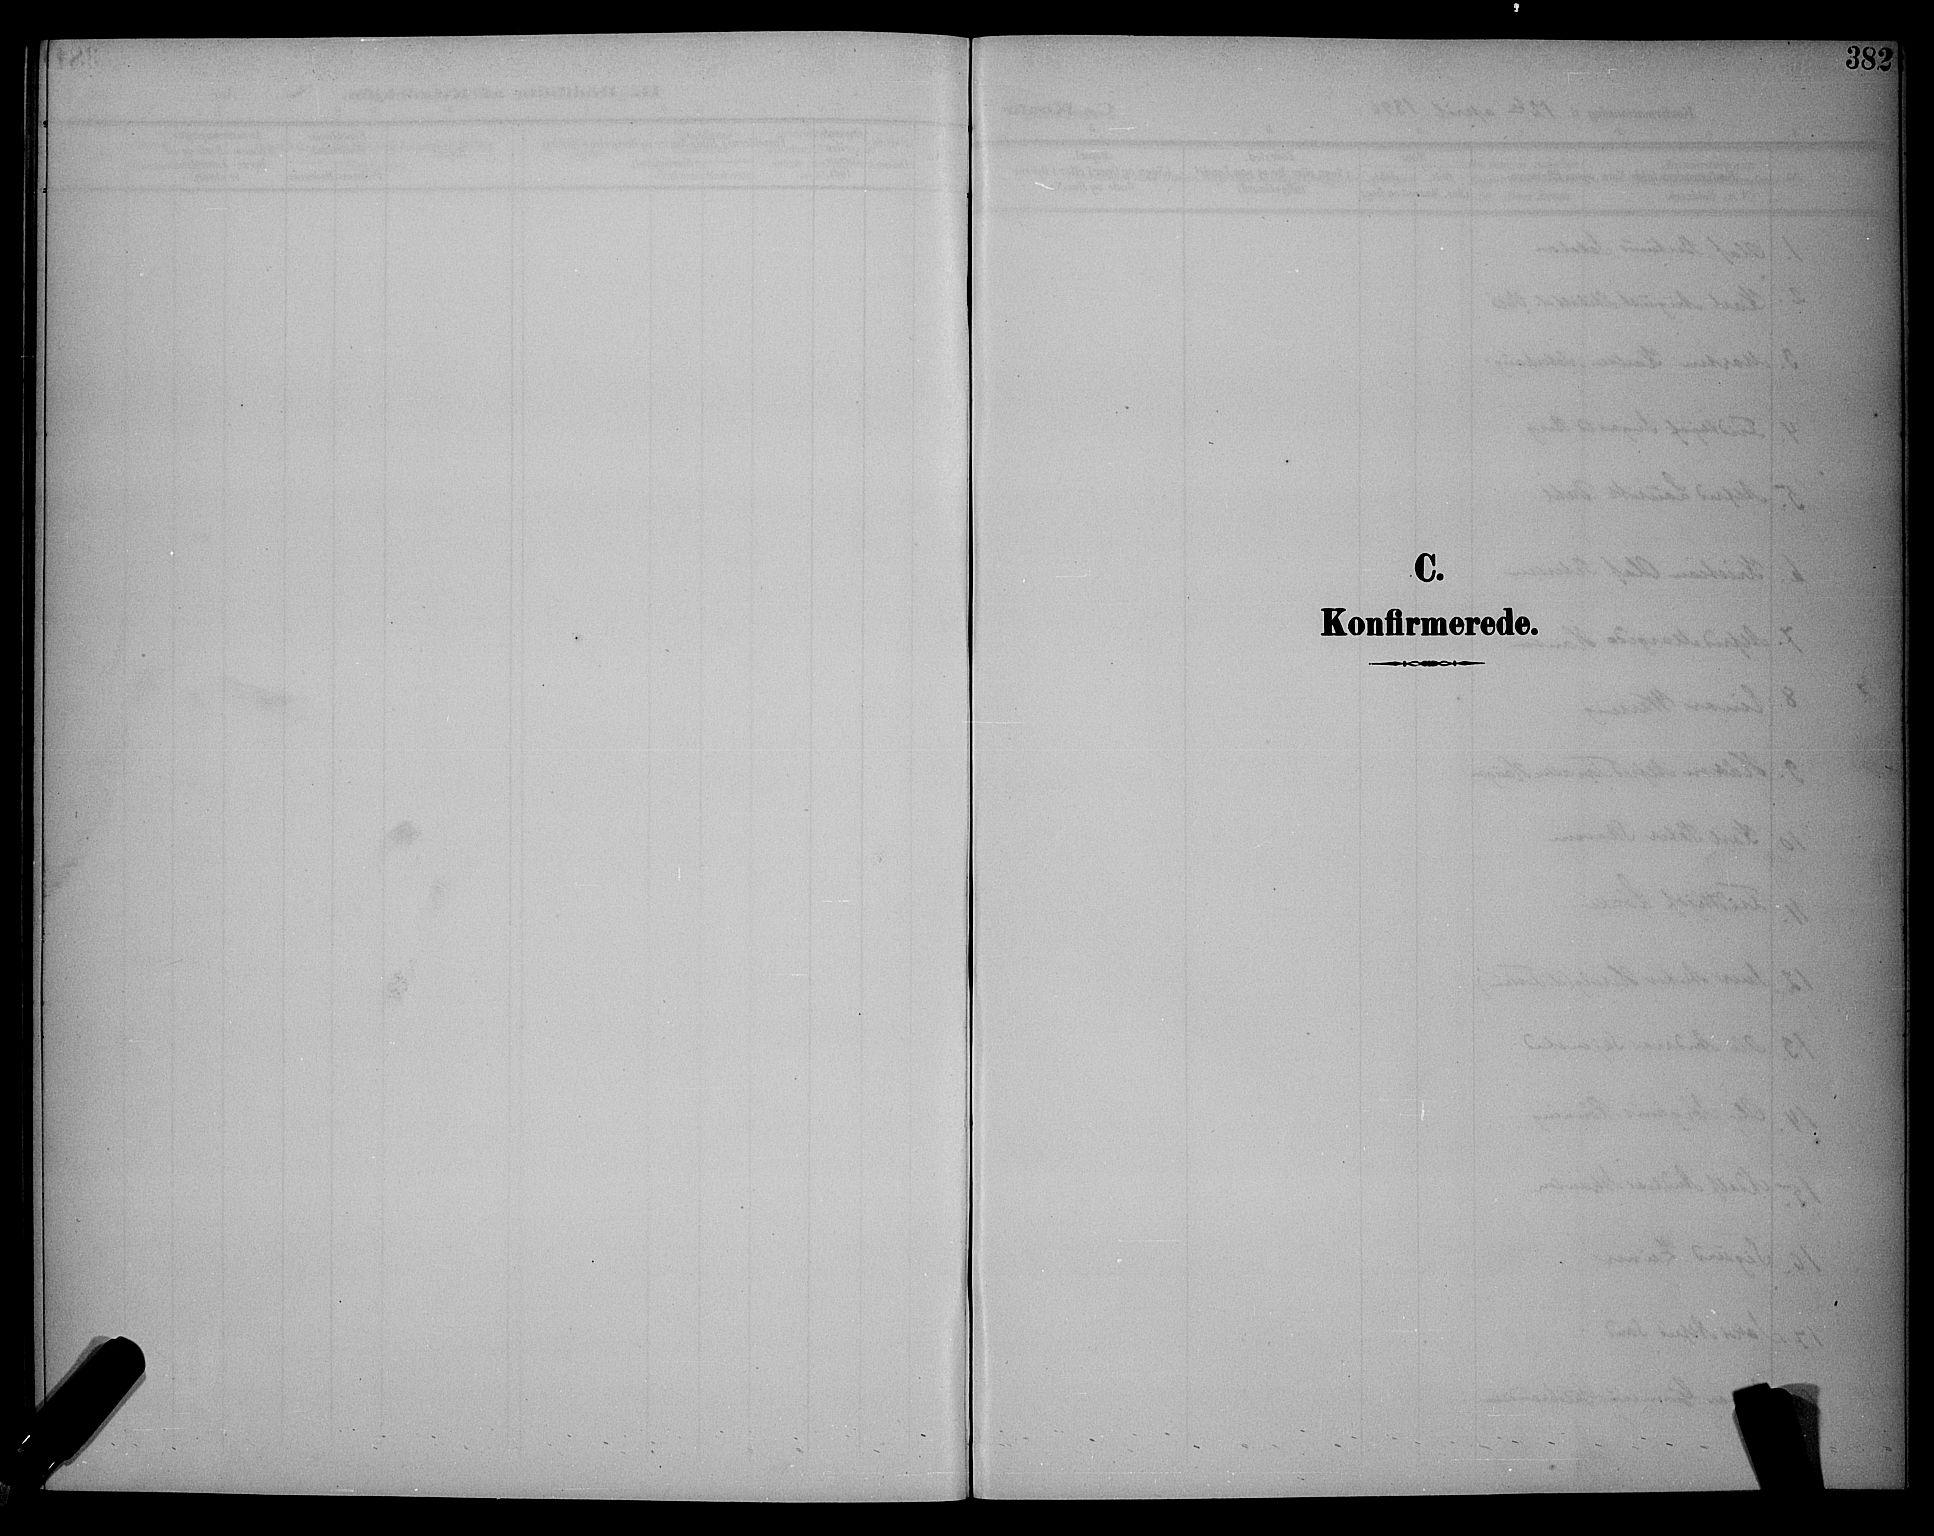 SAT, Ministerialprotokoller, klokkerbøker og fødselsregistre - Sør-Trøndelag, 604/L0225: Klokkerbok nr. 604C08, 1895-1899, s. 382